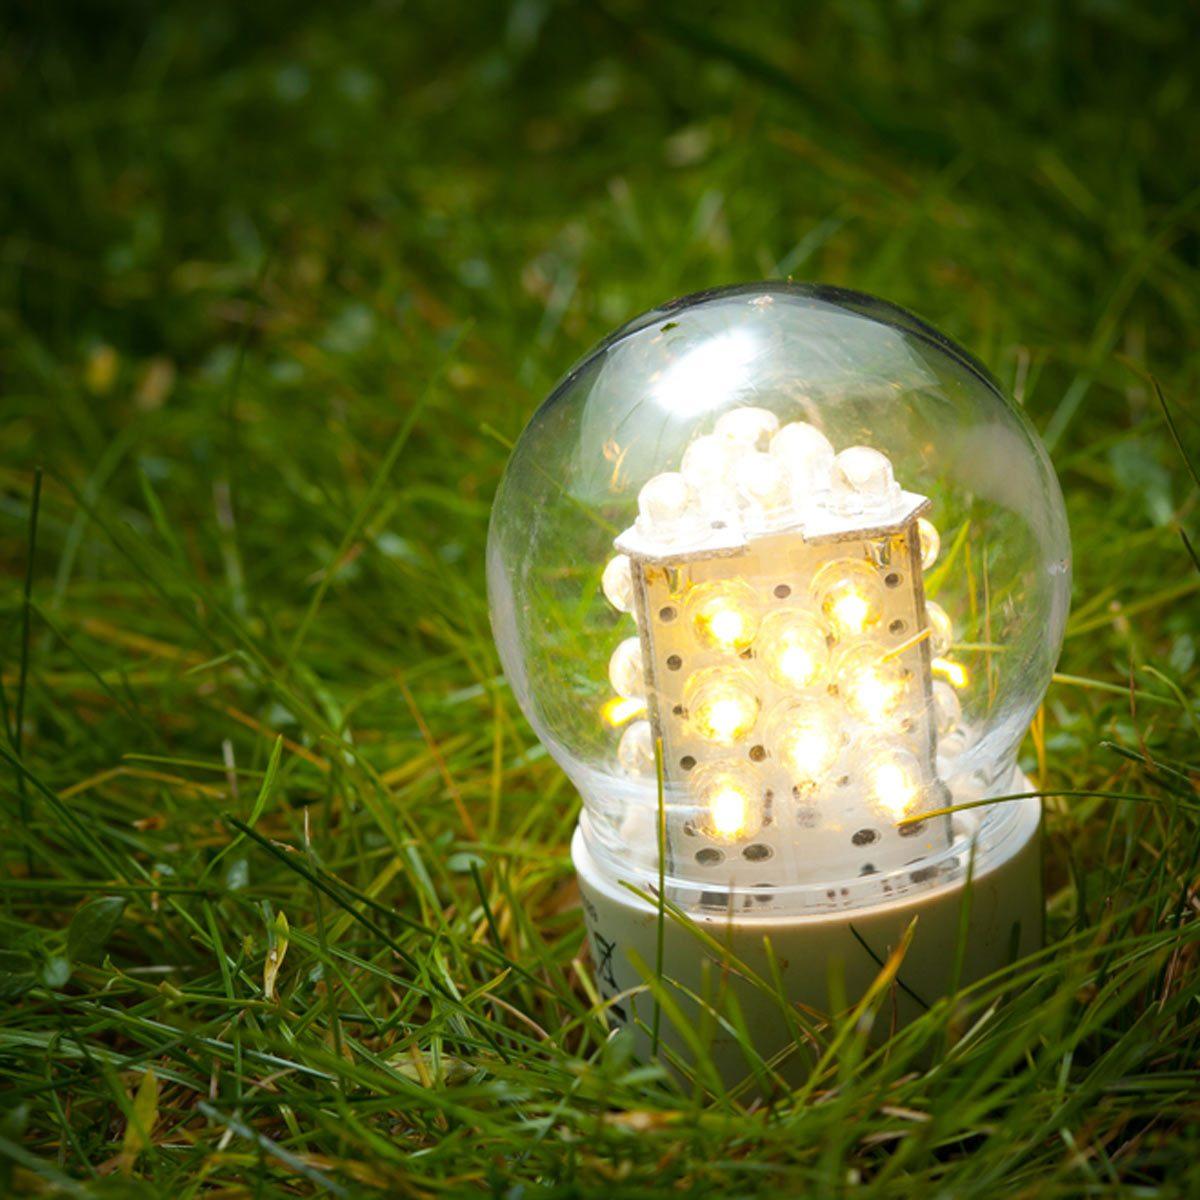 LED Lighting for Outdoors